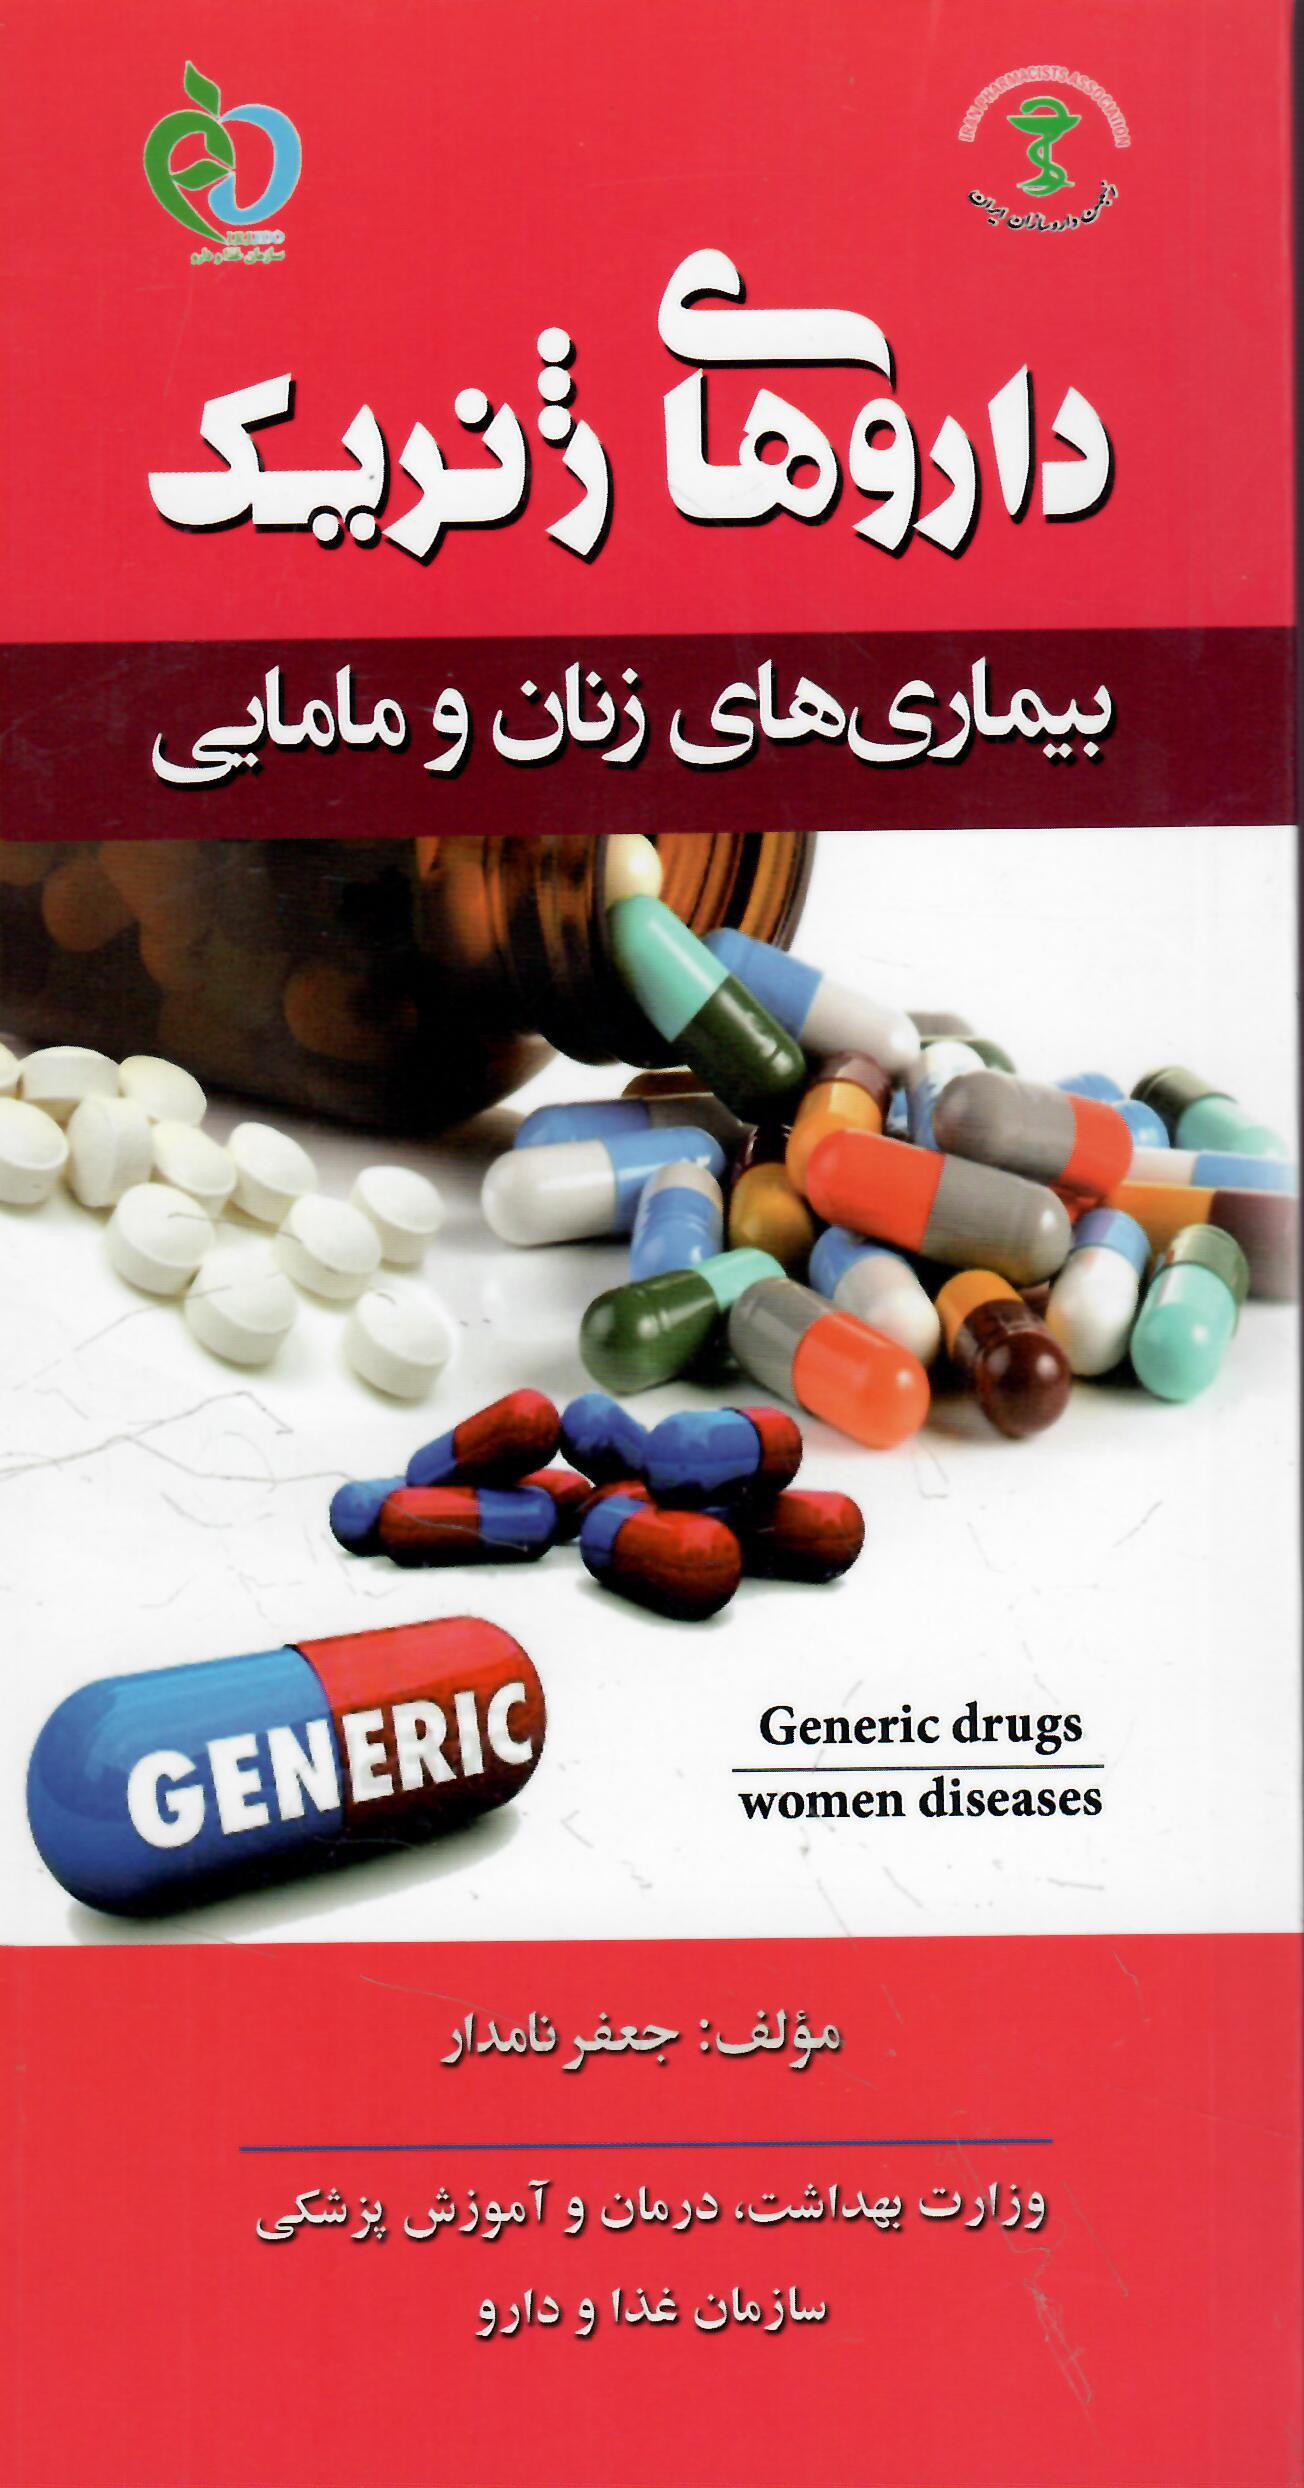 داروهاي ژنريک بيماريهاي زنان و مامايي(سازمان غذا و داروي وزارت بهداشت)